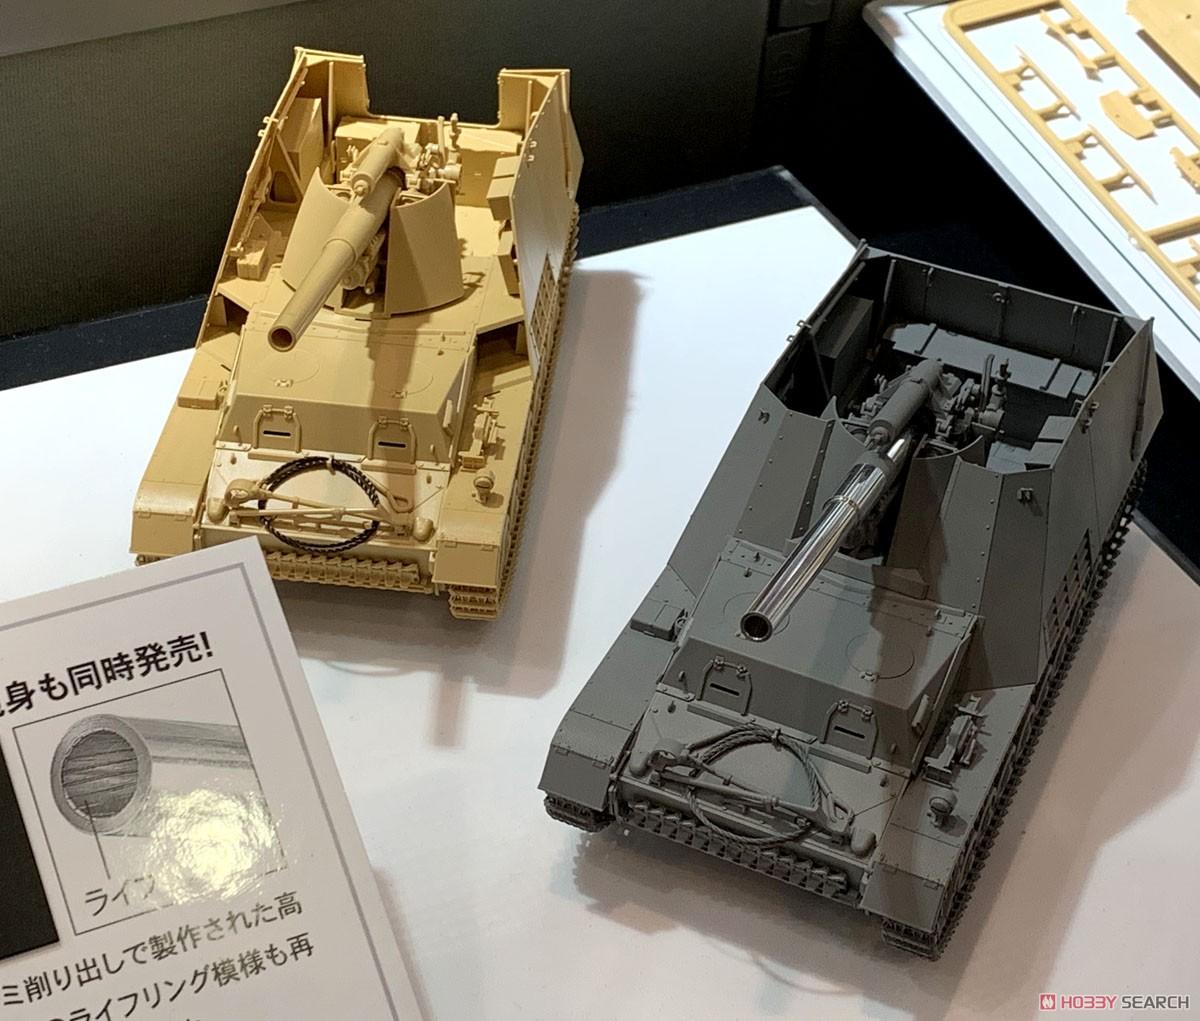 1/35 ミリタリーミニチュアシリーズ No.367『ドイツ重自走榴弾砲 フンメル 後期型』プラモデル-002